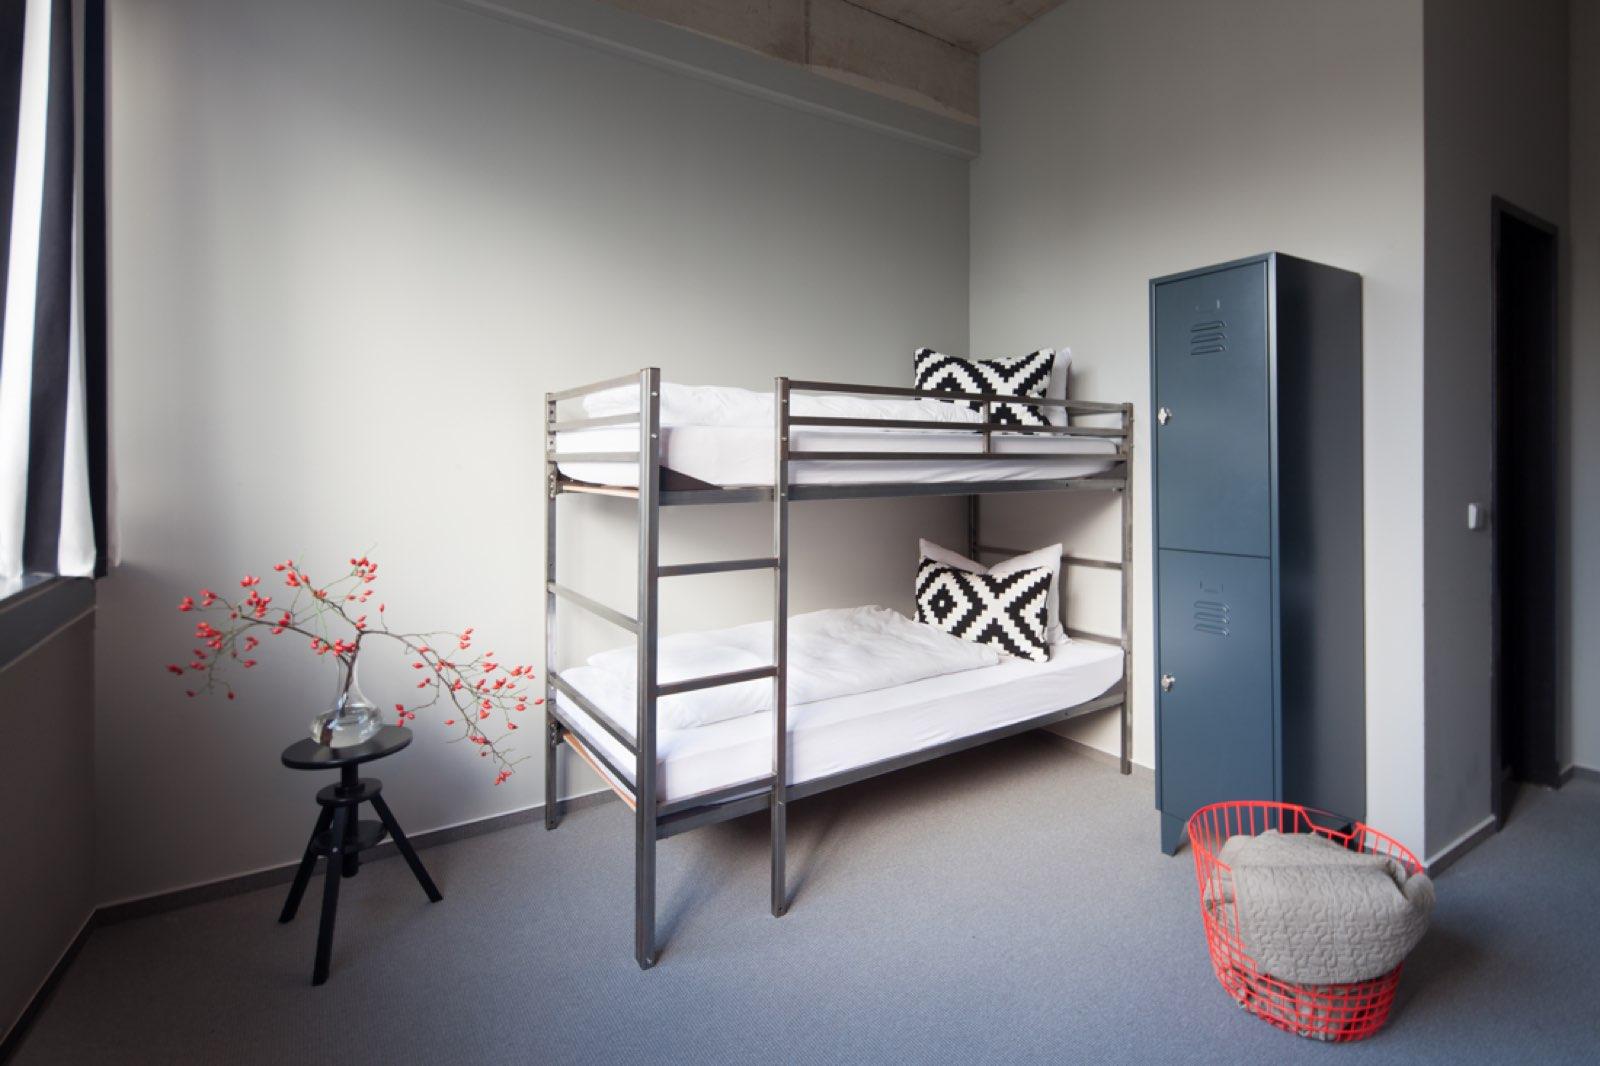 Mehrbettzimmer im Hostel Berlin - Wallyard